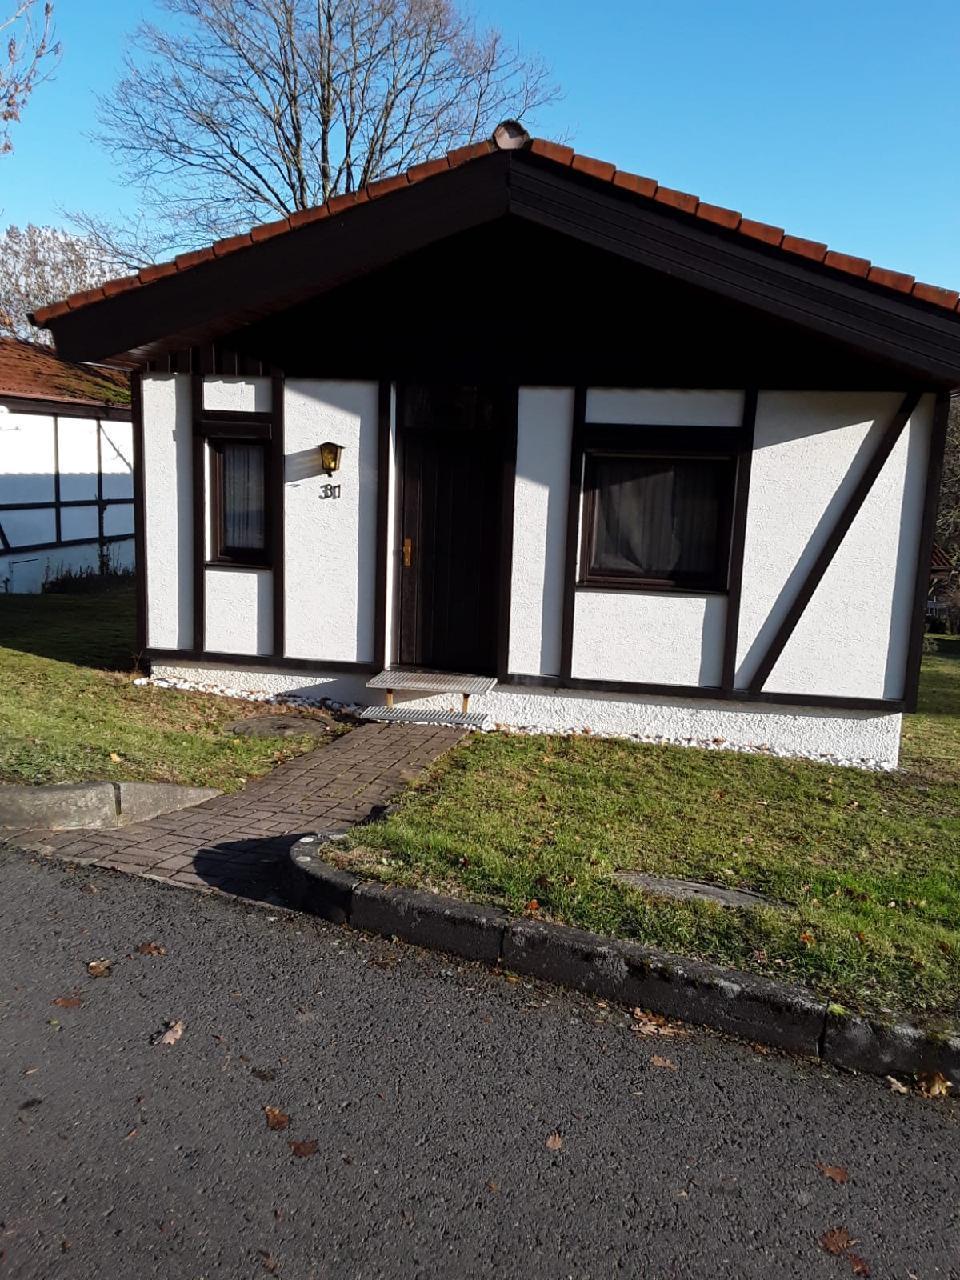 Ferienhaus / Bungalow Nr. 31  für 2-4 Personen in der Rhön Residence Bungalows (735561), Dipperz, Rhön (Hessen), Hessen, Deutschland, Bild 1